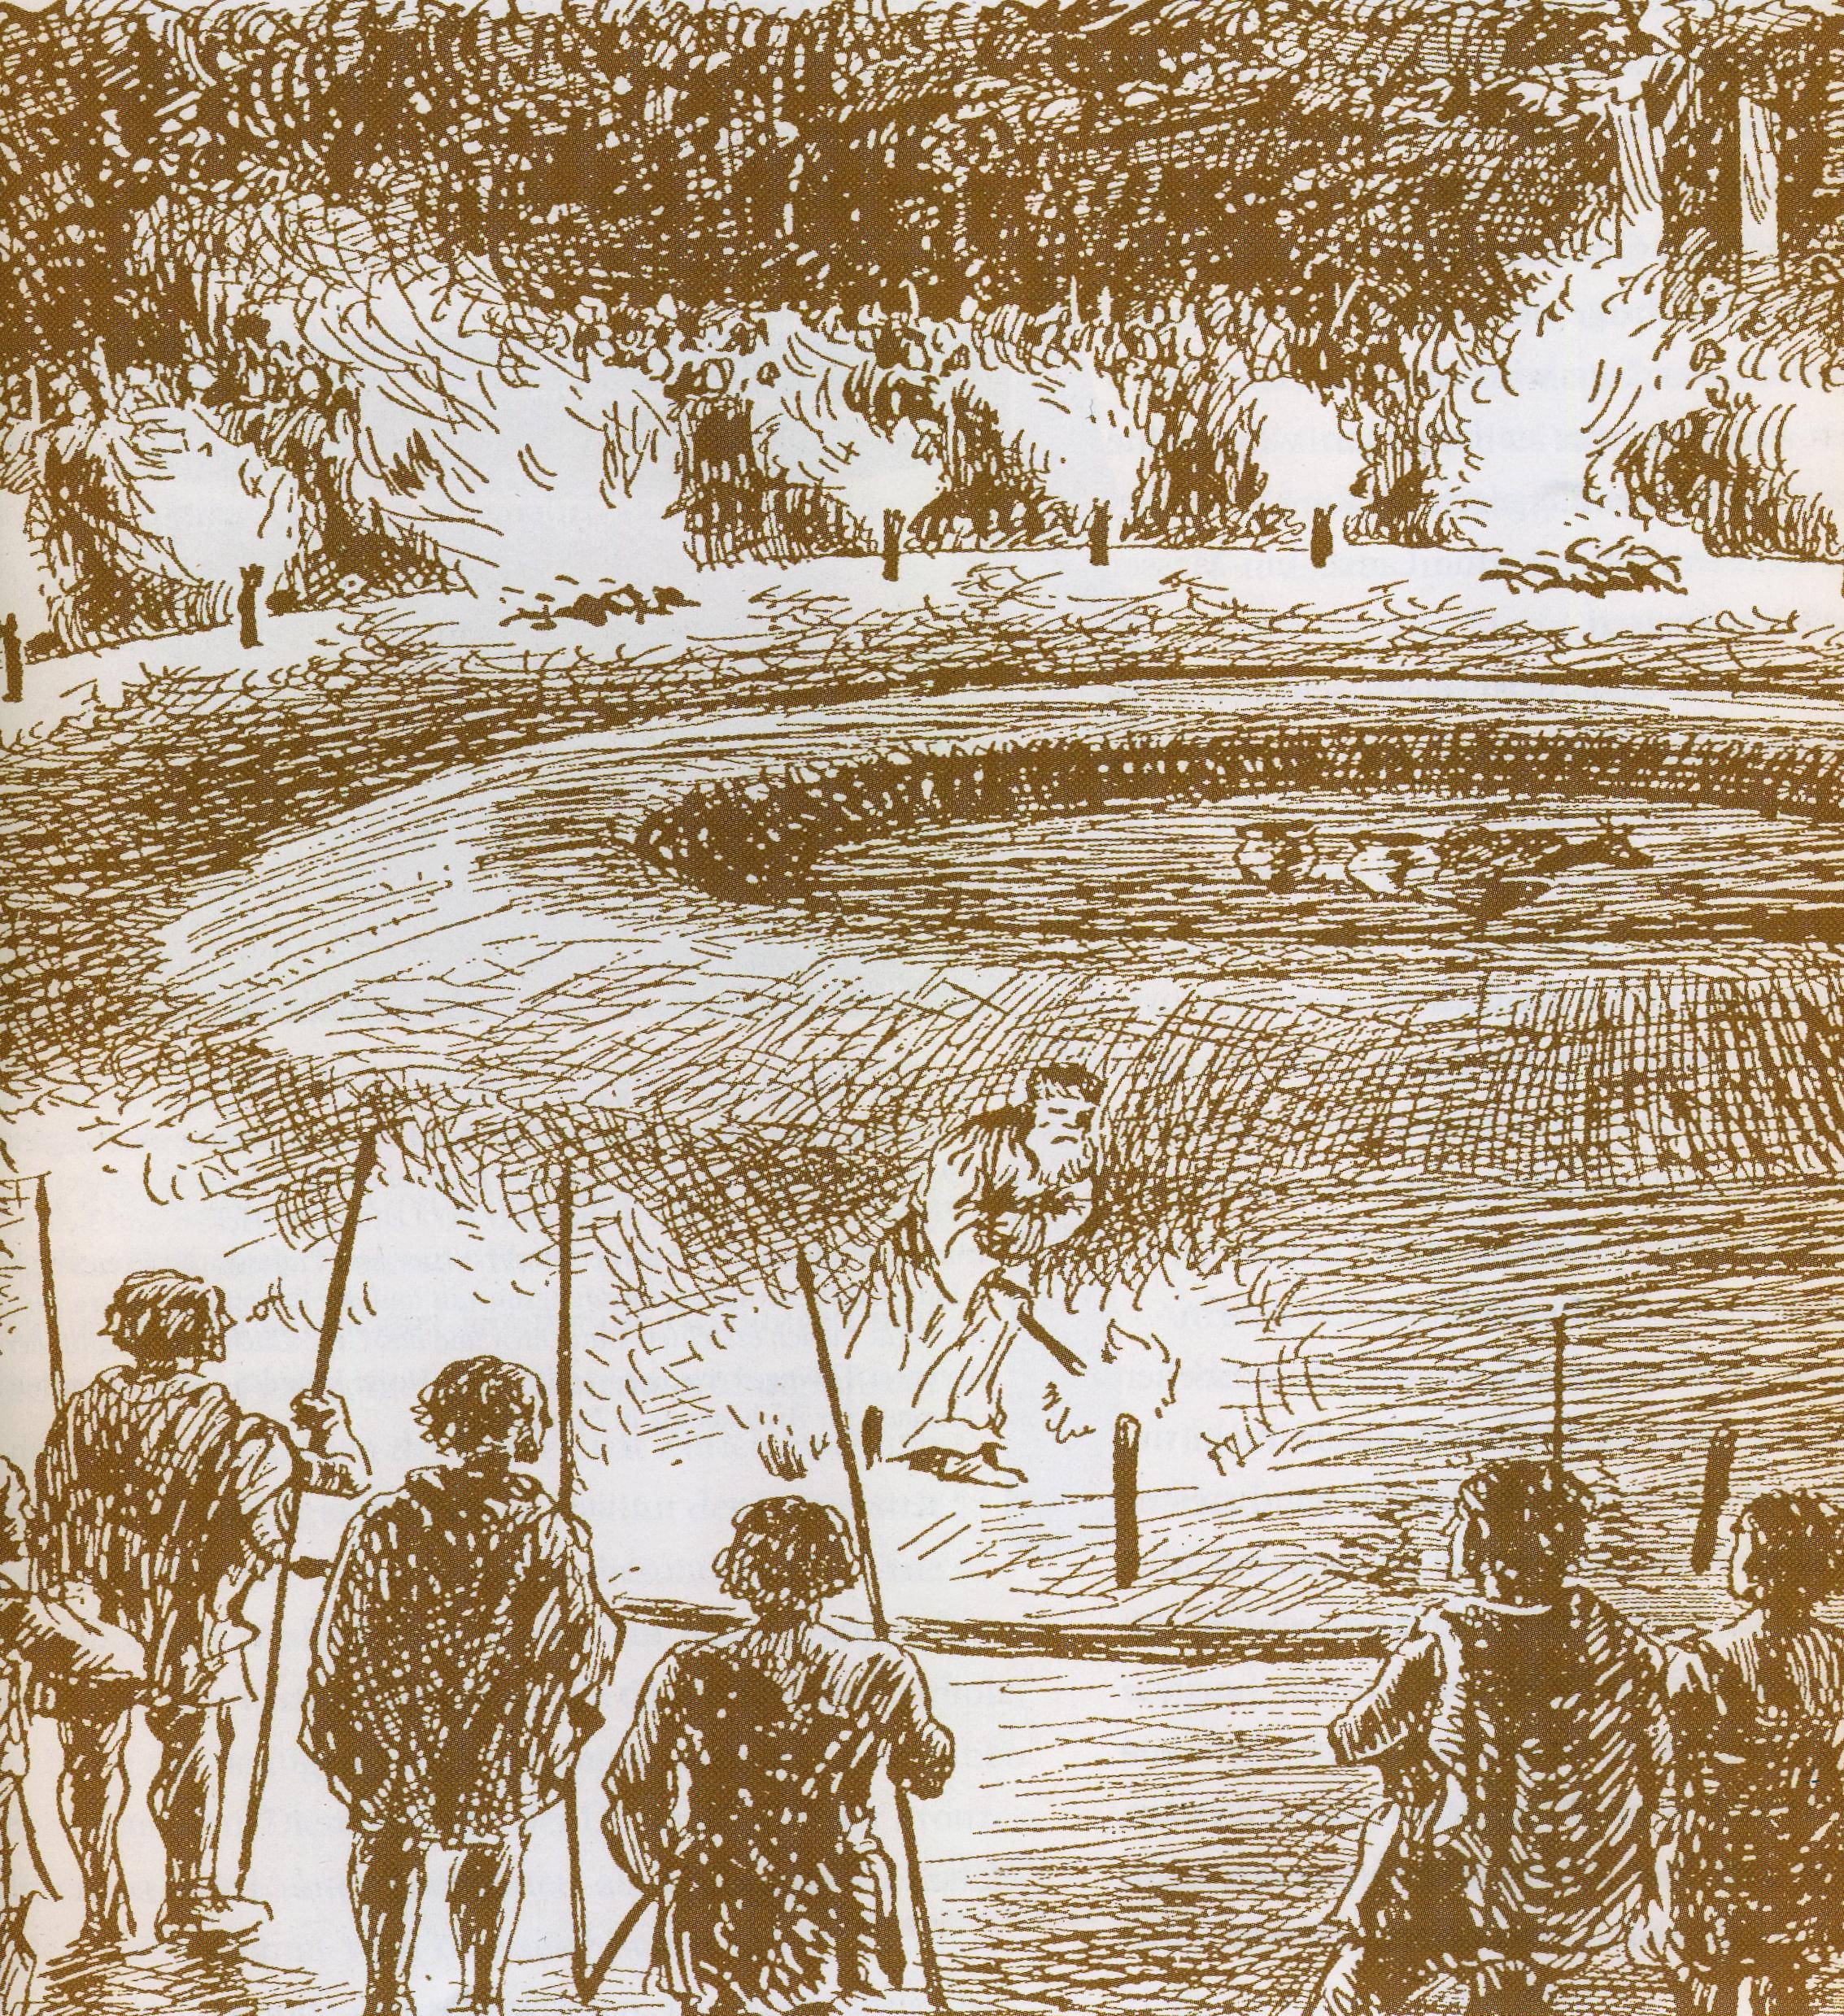 """So hat sich Keller-Tarnuzzer das Bestattungsritual in seinem Jugendbuch """"Die Inselleute vom Bodensee"""" vorgestellt."""